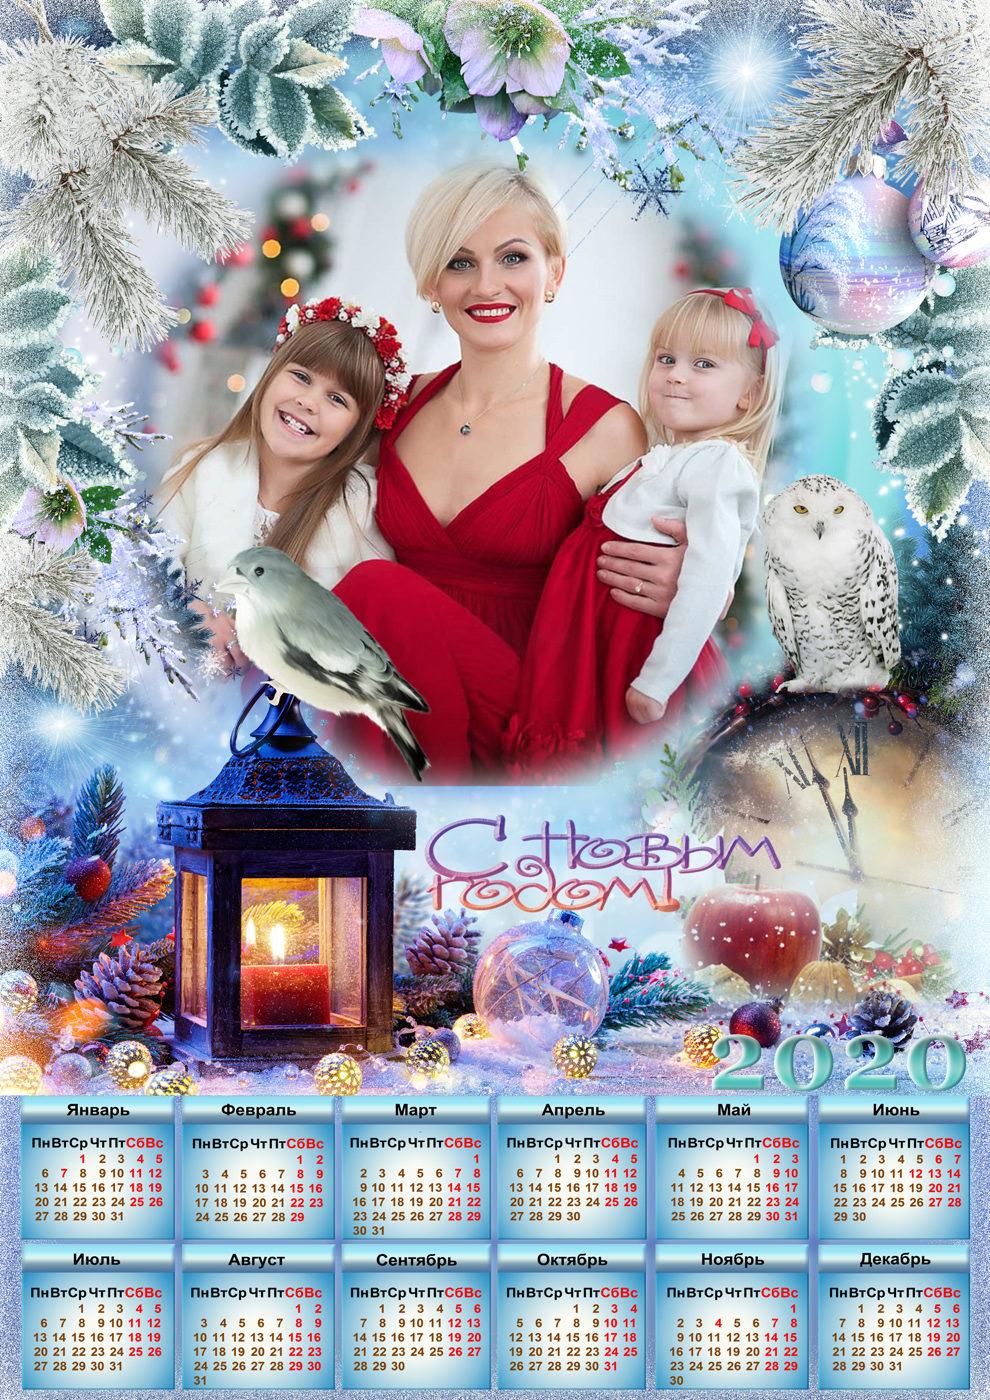 национальной календари с фото на новый год дрочат